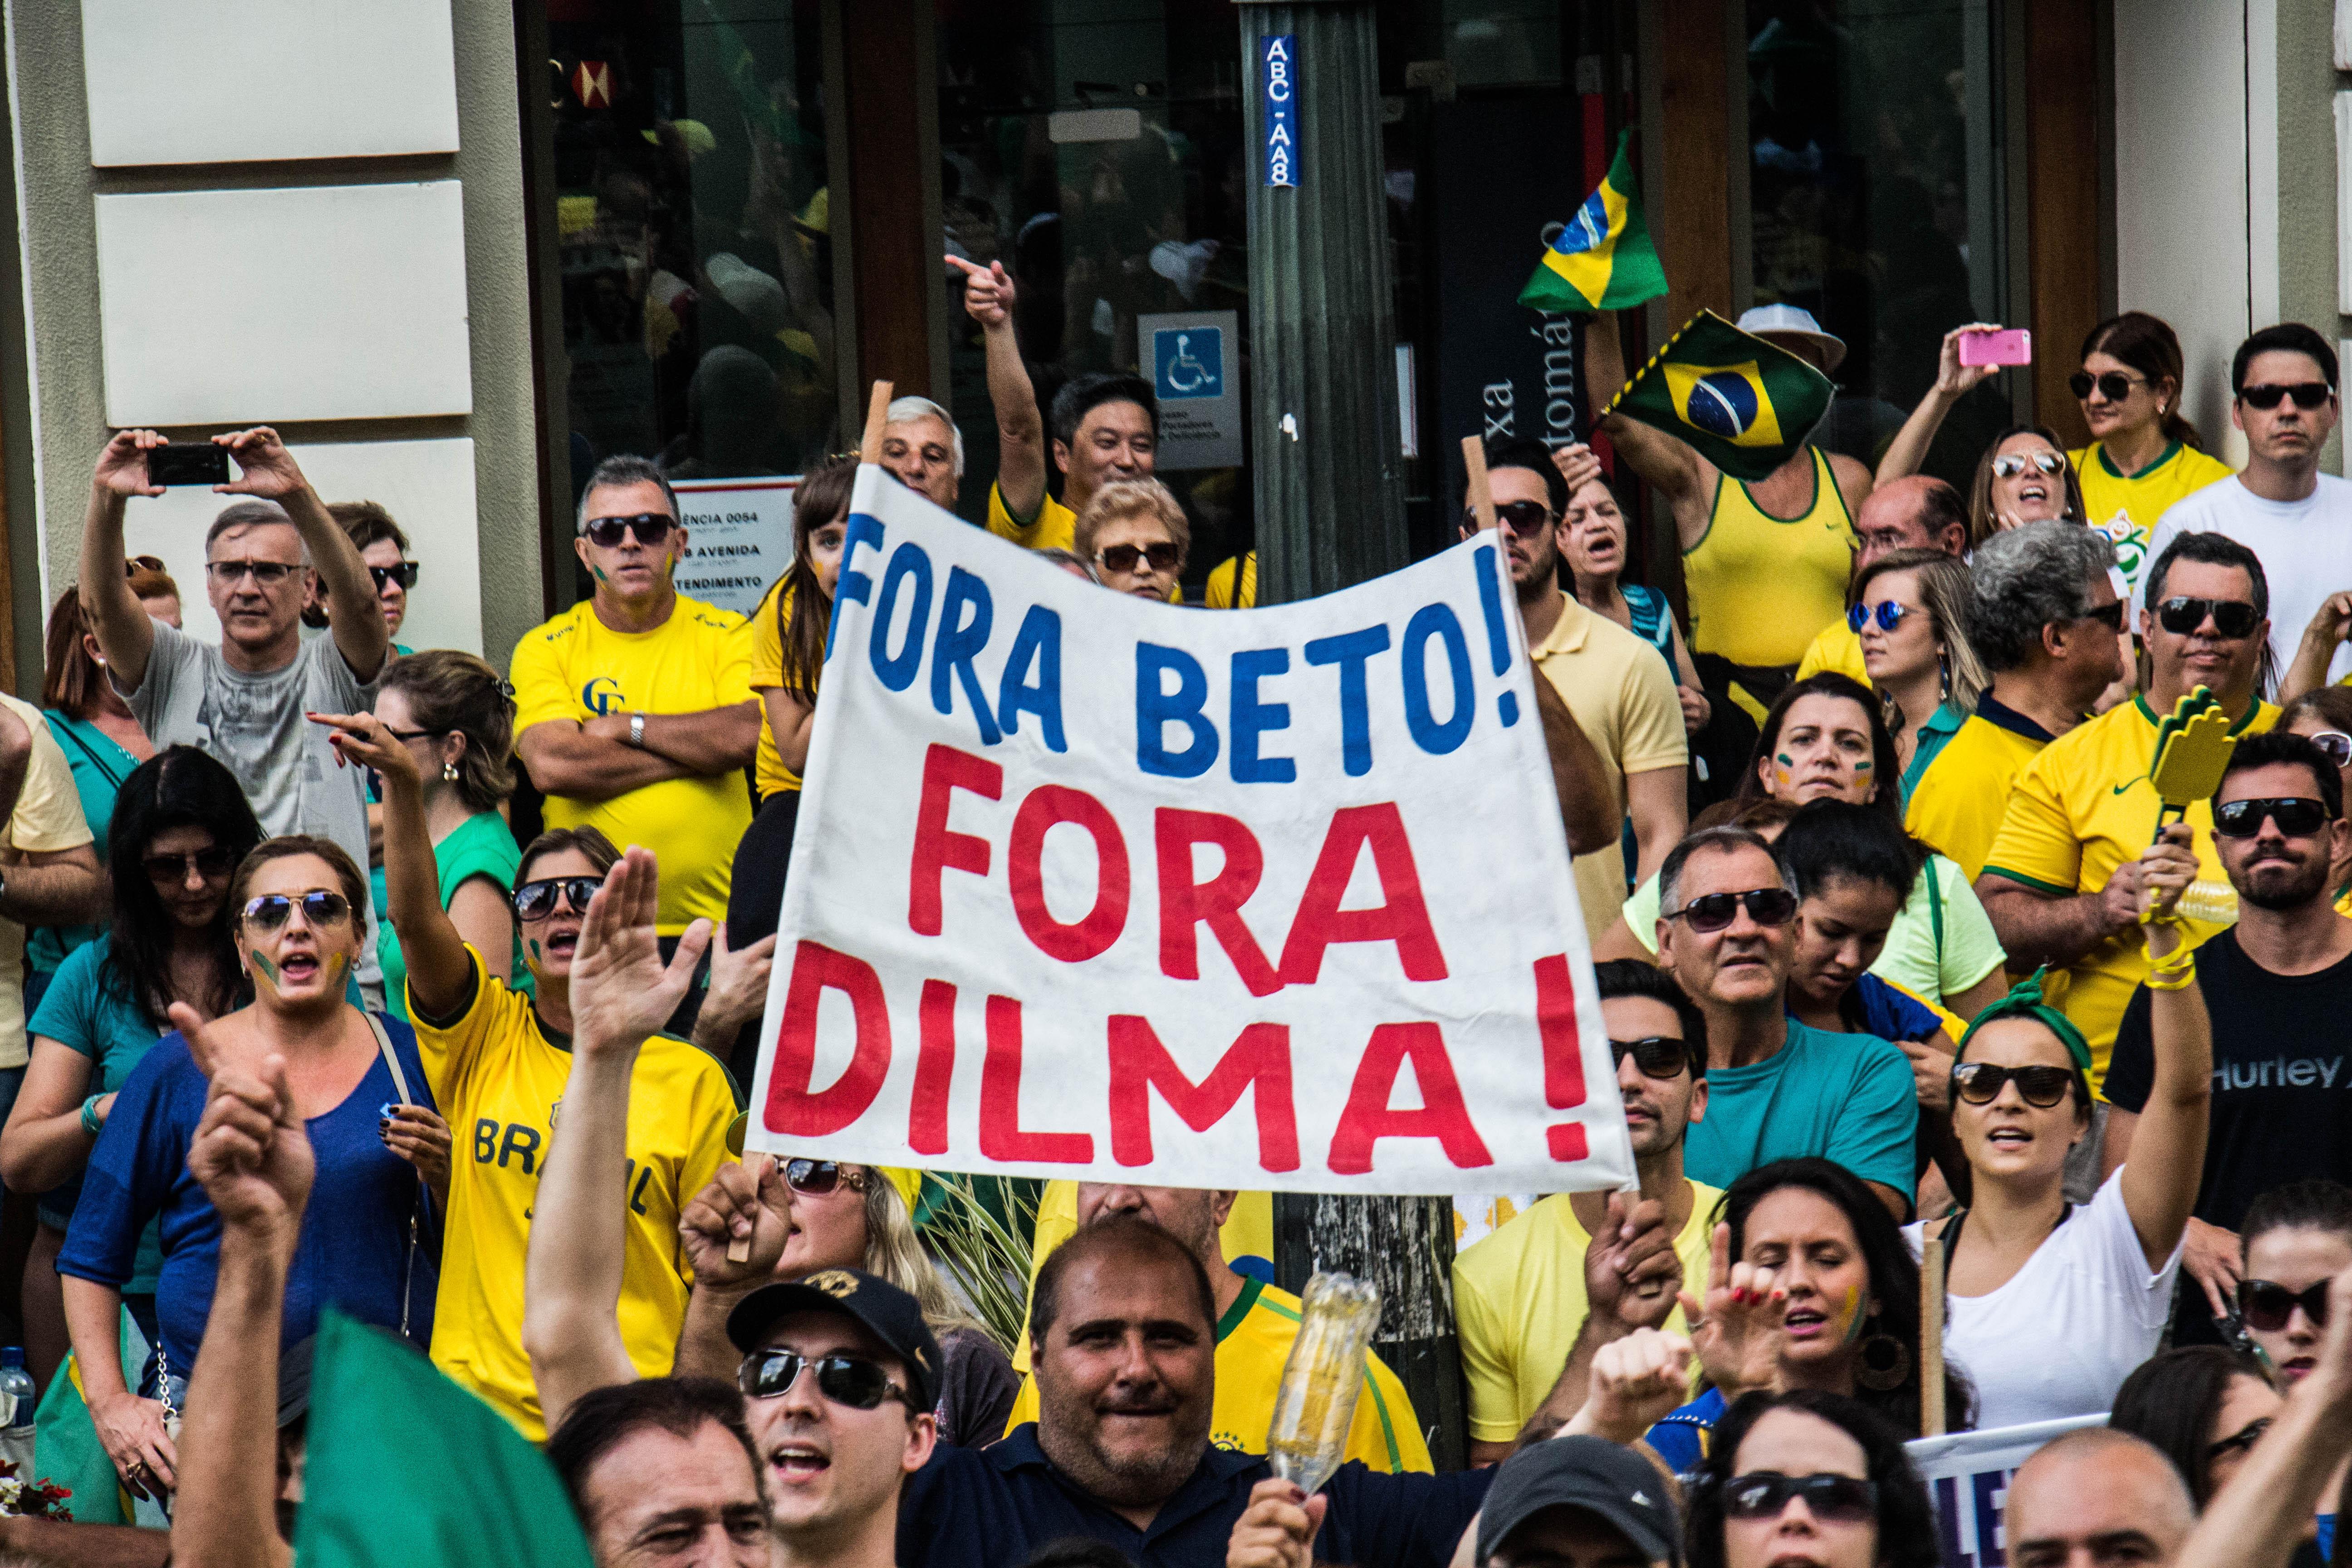 Manifestação contra Dilma atrai menos público, mas não deixa de ser grande